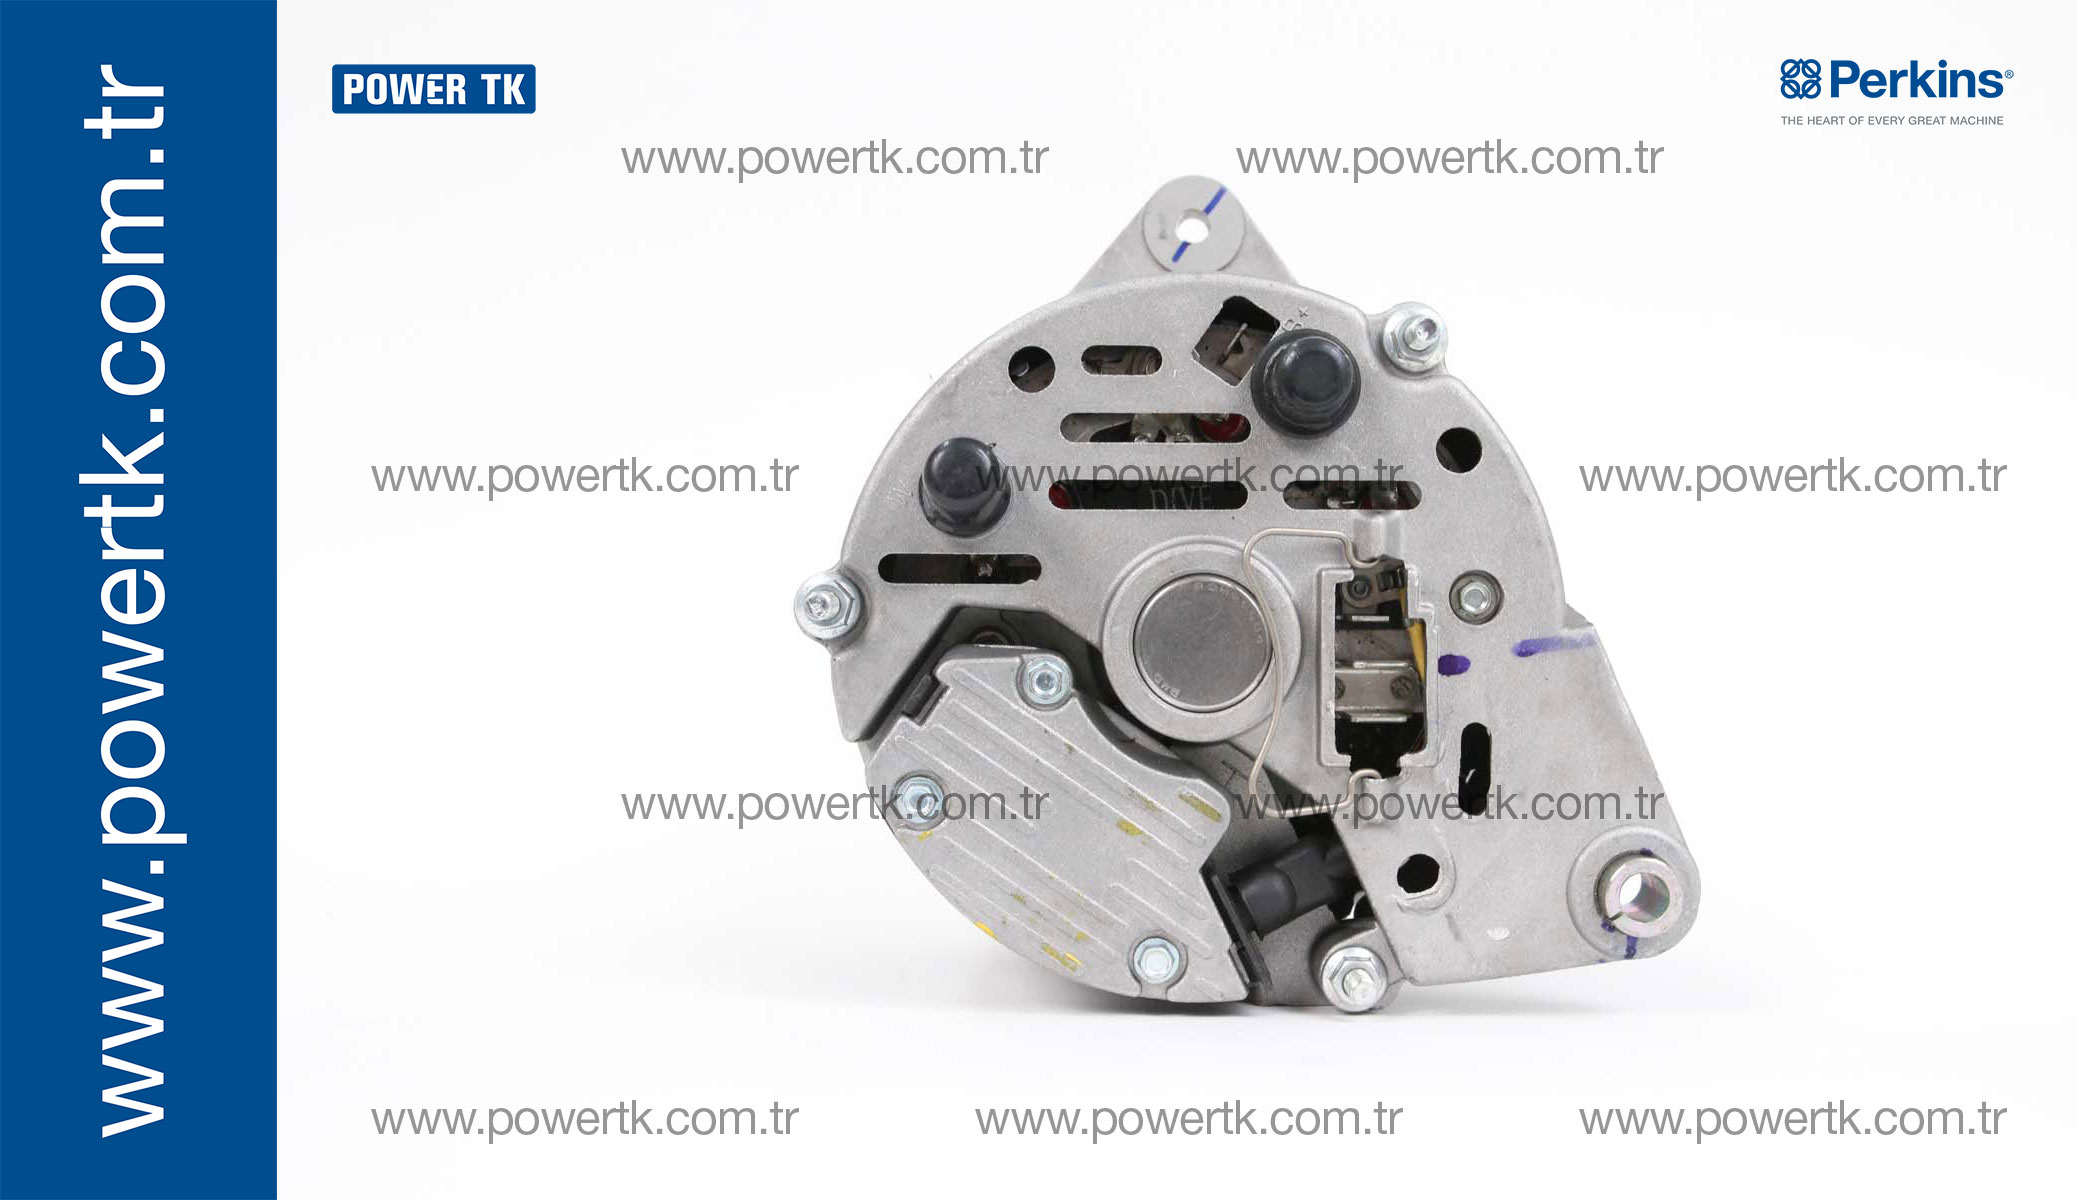 185046360 Alternator Perkins Jcb 71440004. Alternator Perkins 185046360 Zoom. Wiring. Perkins Engine Diagram Alternator At Scoala.co